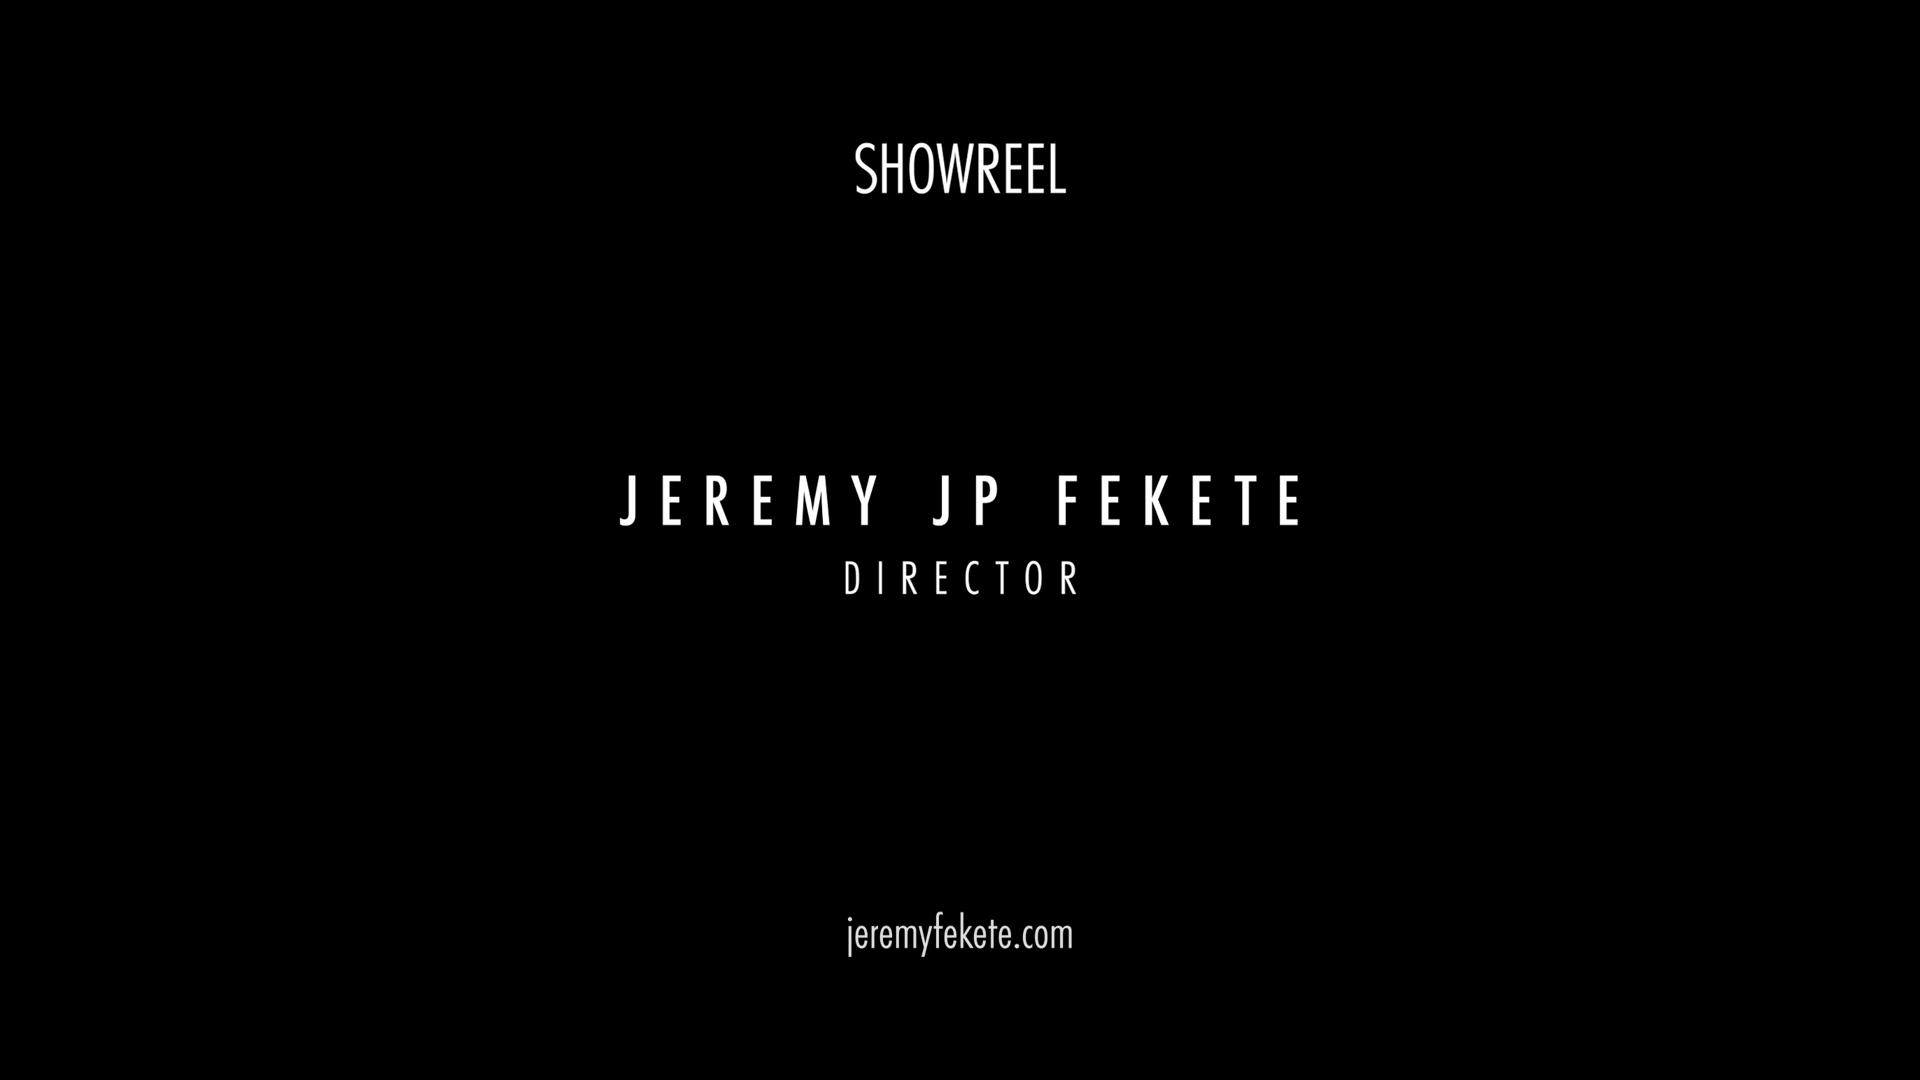 Jeremy JP Fekete, ARTE, Showreel,